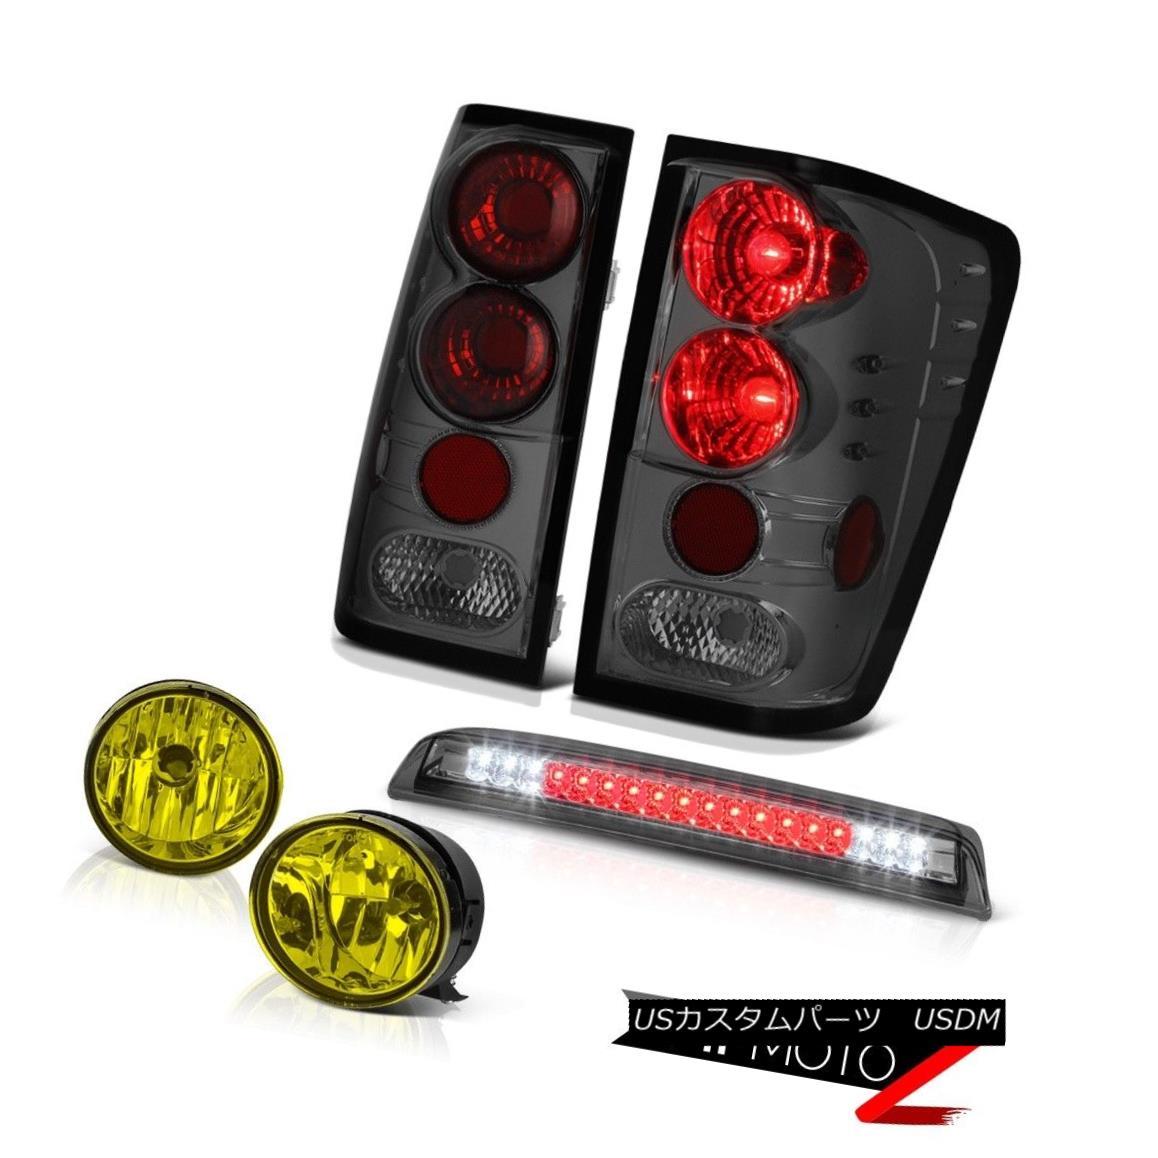 テールライト For 2004-2015 Titan LE Rear Tail Lights Smoke Yellow Fog Third Brake Cargo LED 2004年から2015年までタイタンLEリアテールライトスモークイエローフォグ第3ブレーキカーゴLED